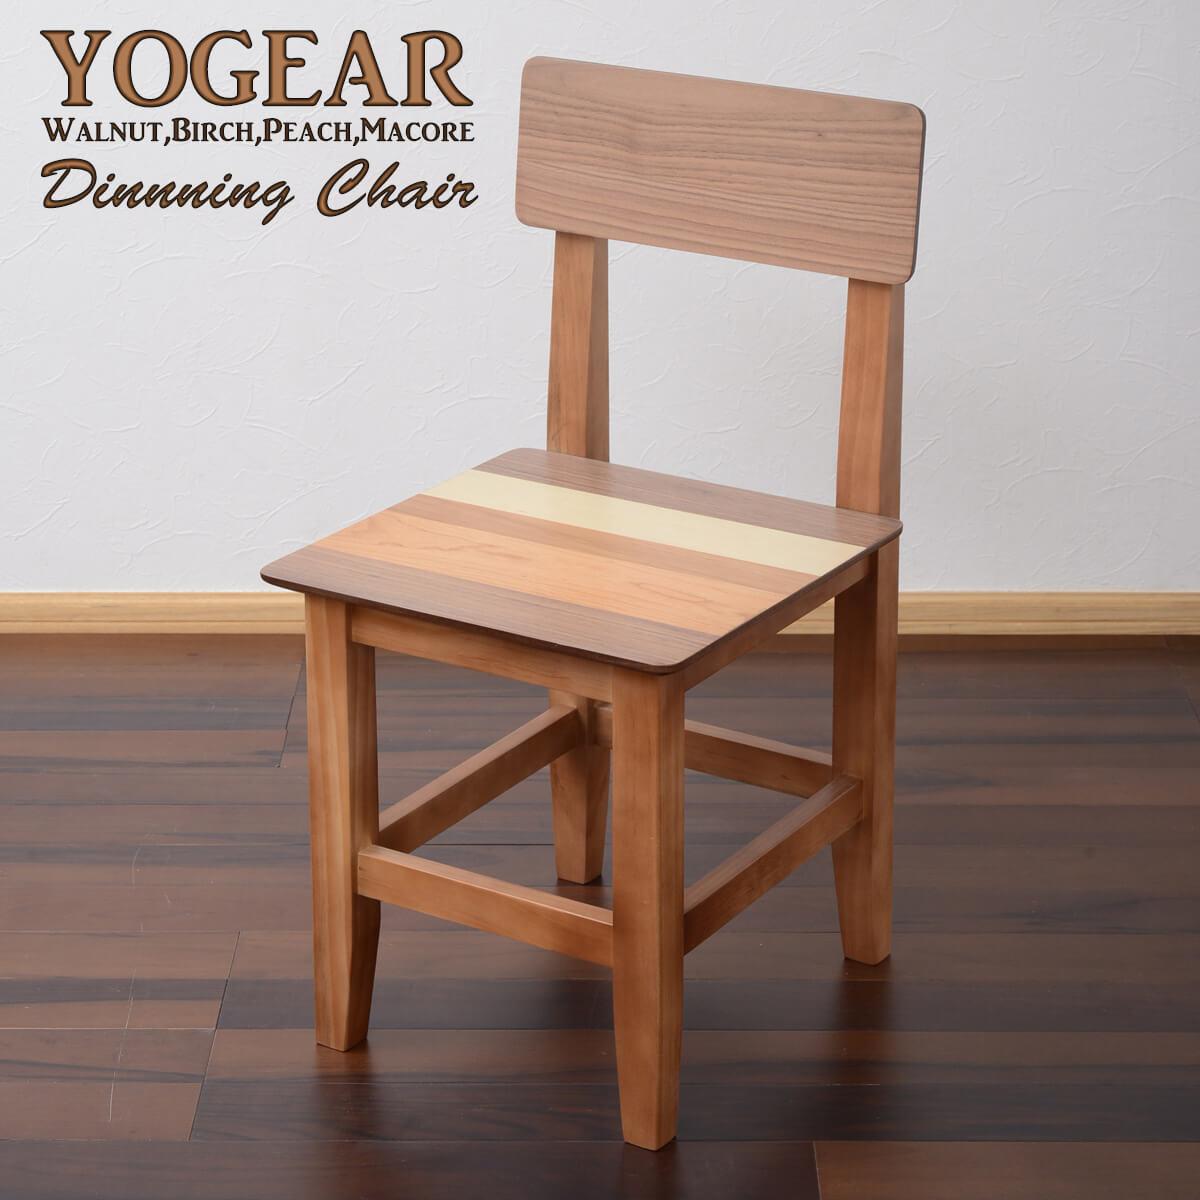 【送料無料】天然木 ダイニングチェア 椅子 イス チェアー 木製 リビングチェア ダイニング シンプル 北欧テイスト 家具 おしゃれ ナチュラル 無垢 新生活 一人暮らしYOGEARシリーズ YODC-375